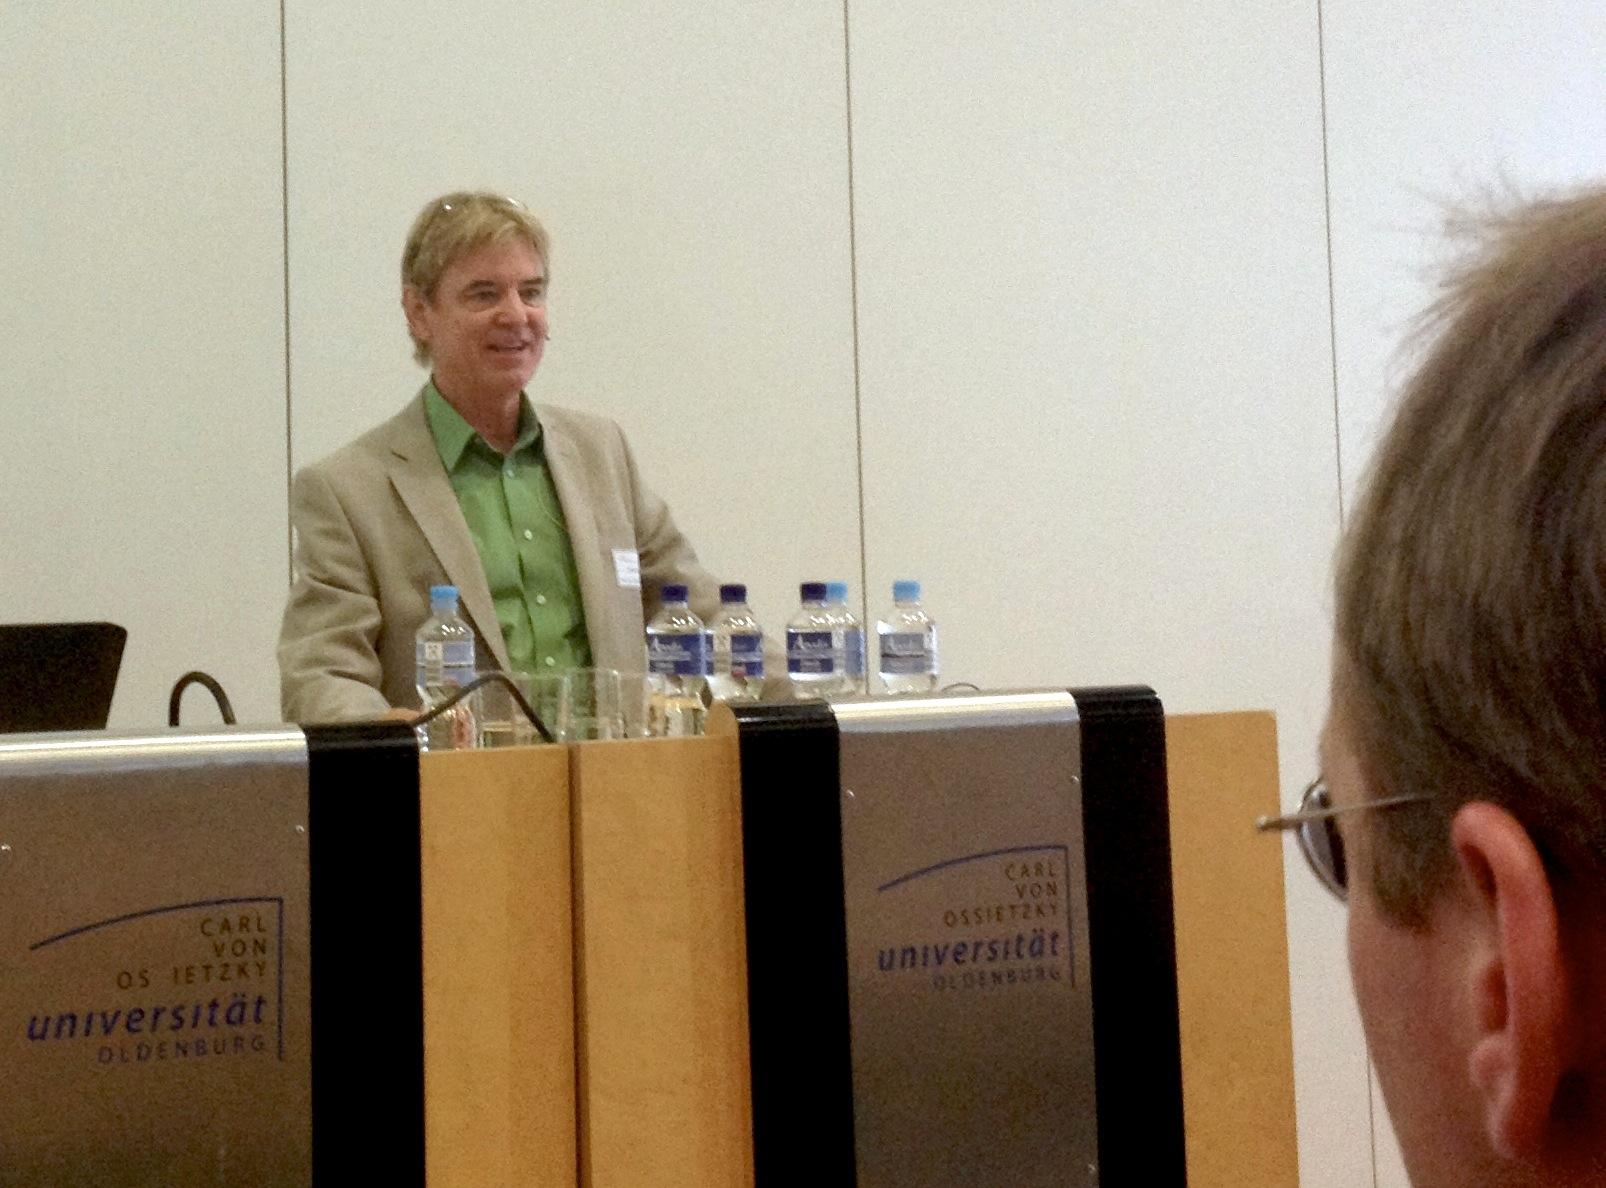 John Hattie als Redner bei der Buchvorstellung der deutschen Ausgabe der Hattie-Studie Visible Learning - Lernen sichtbar machen.